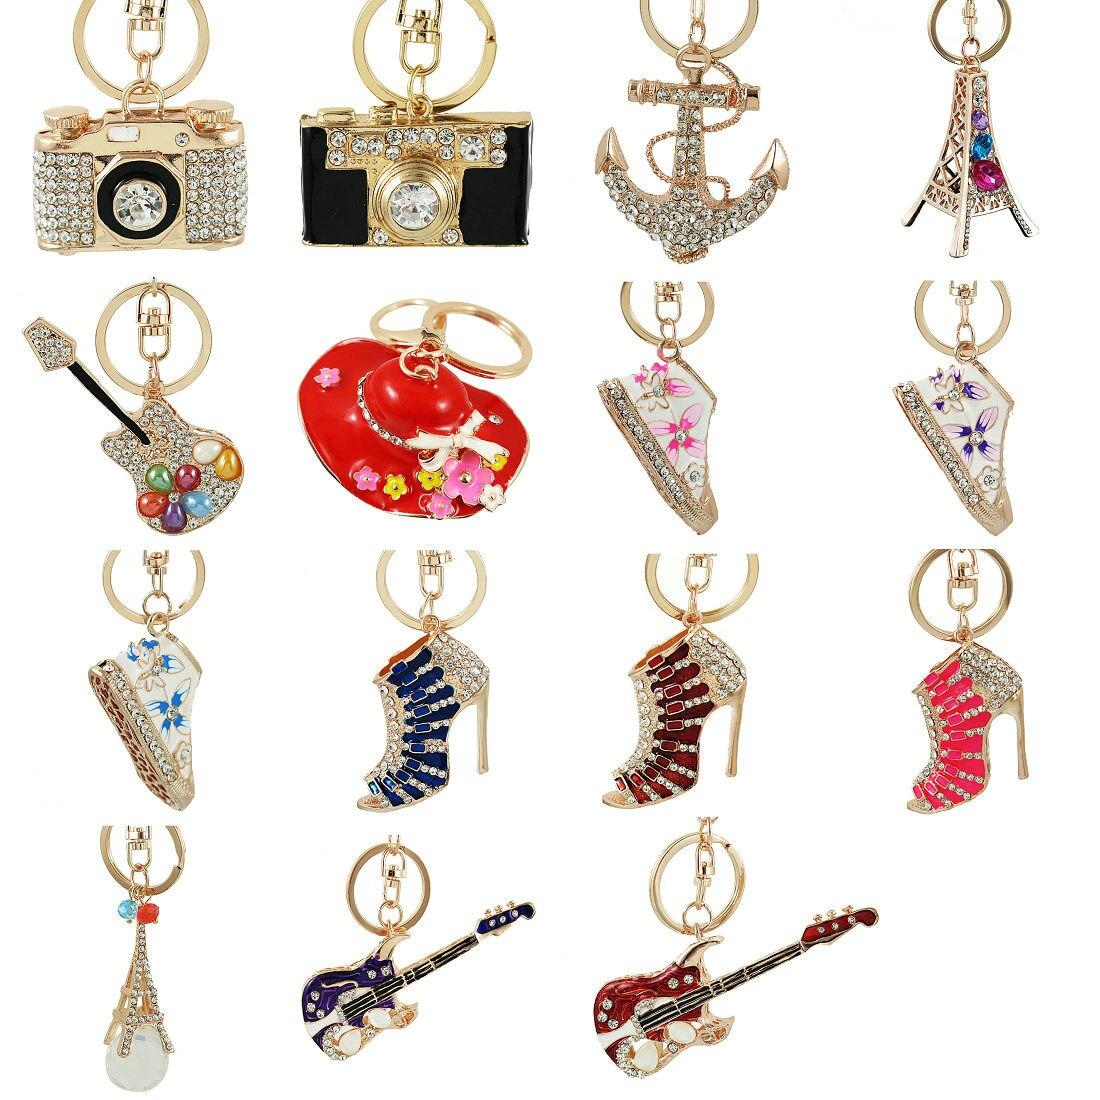 Классический на высоком каблуке с украшением в виде кристаллов камеры hat брелки Rhinestone обуви ключей Шарм Для женщин сумки сплав Key Holder сумка п...